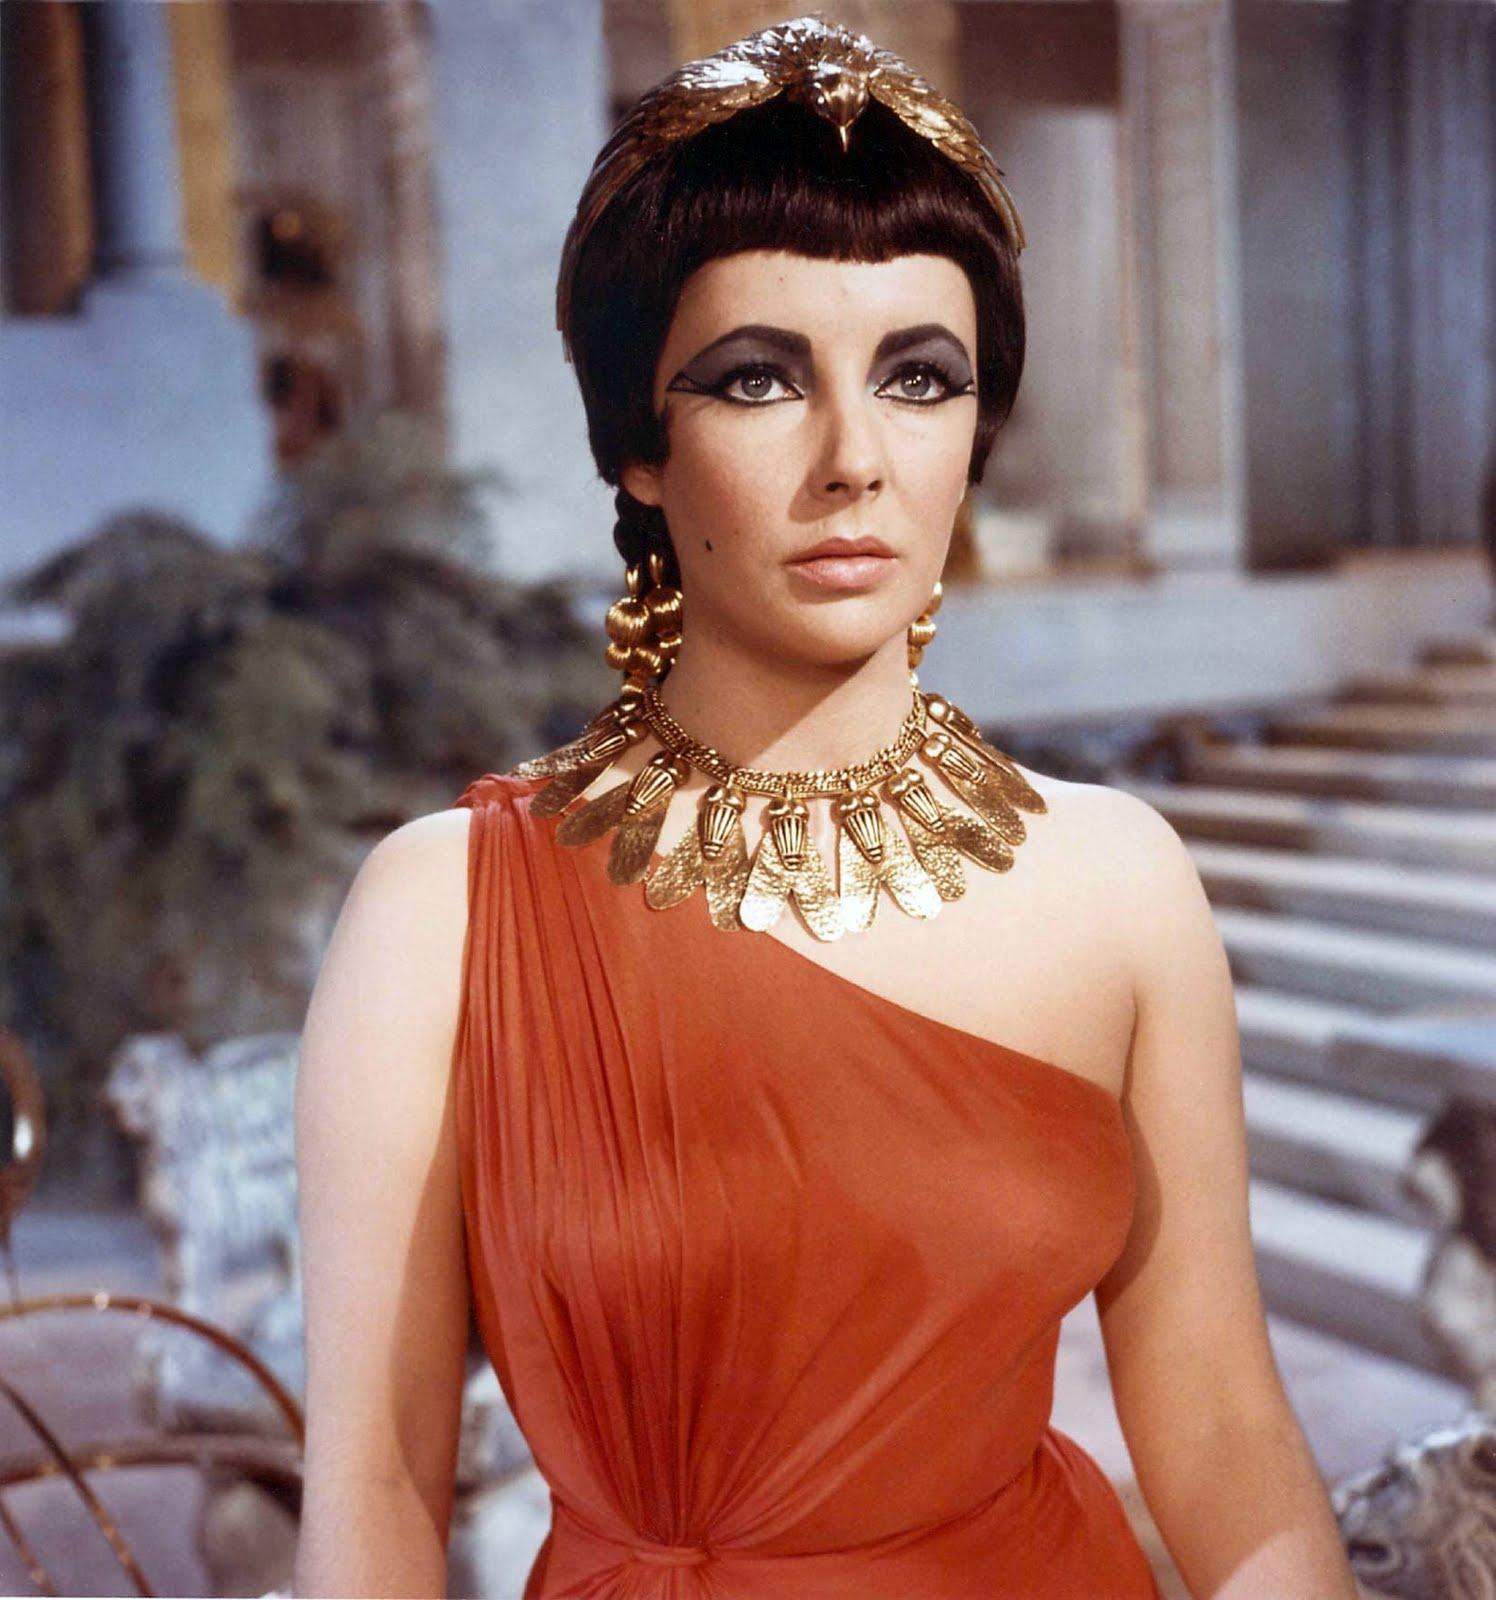 http://3.bp.blogspot.com/_0fgKiqNF-mU/TCwmodzvhUI/AAAAAAAAC-A/DQG77deVCBk/s1600/elizabeth-taylor-as-cleopatra.jpg